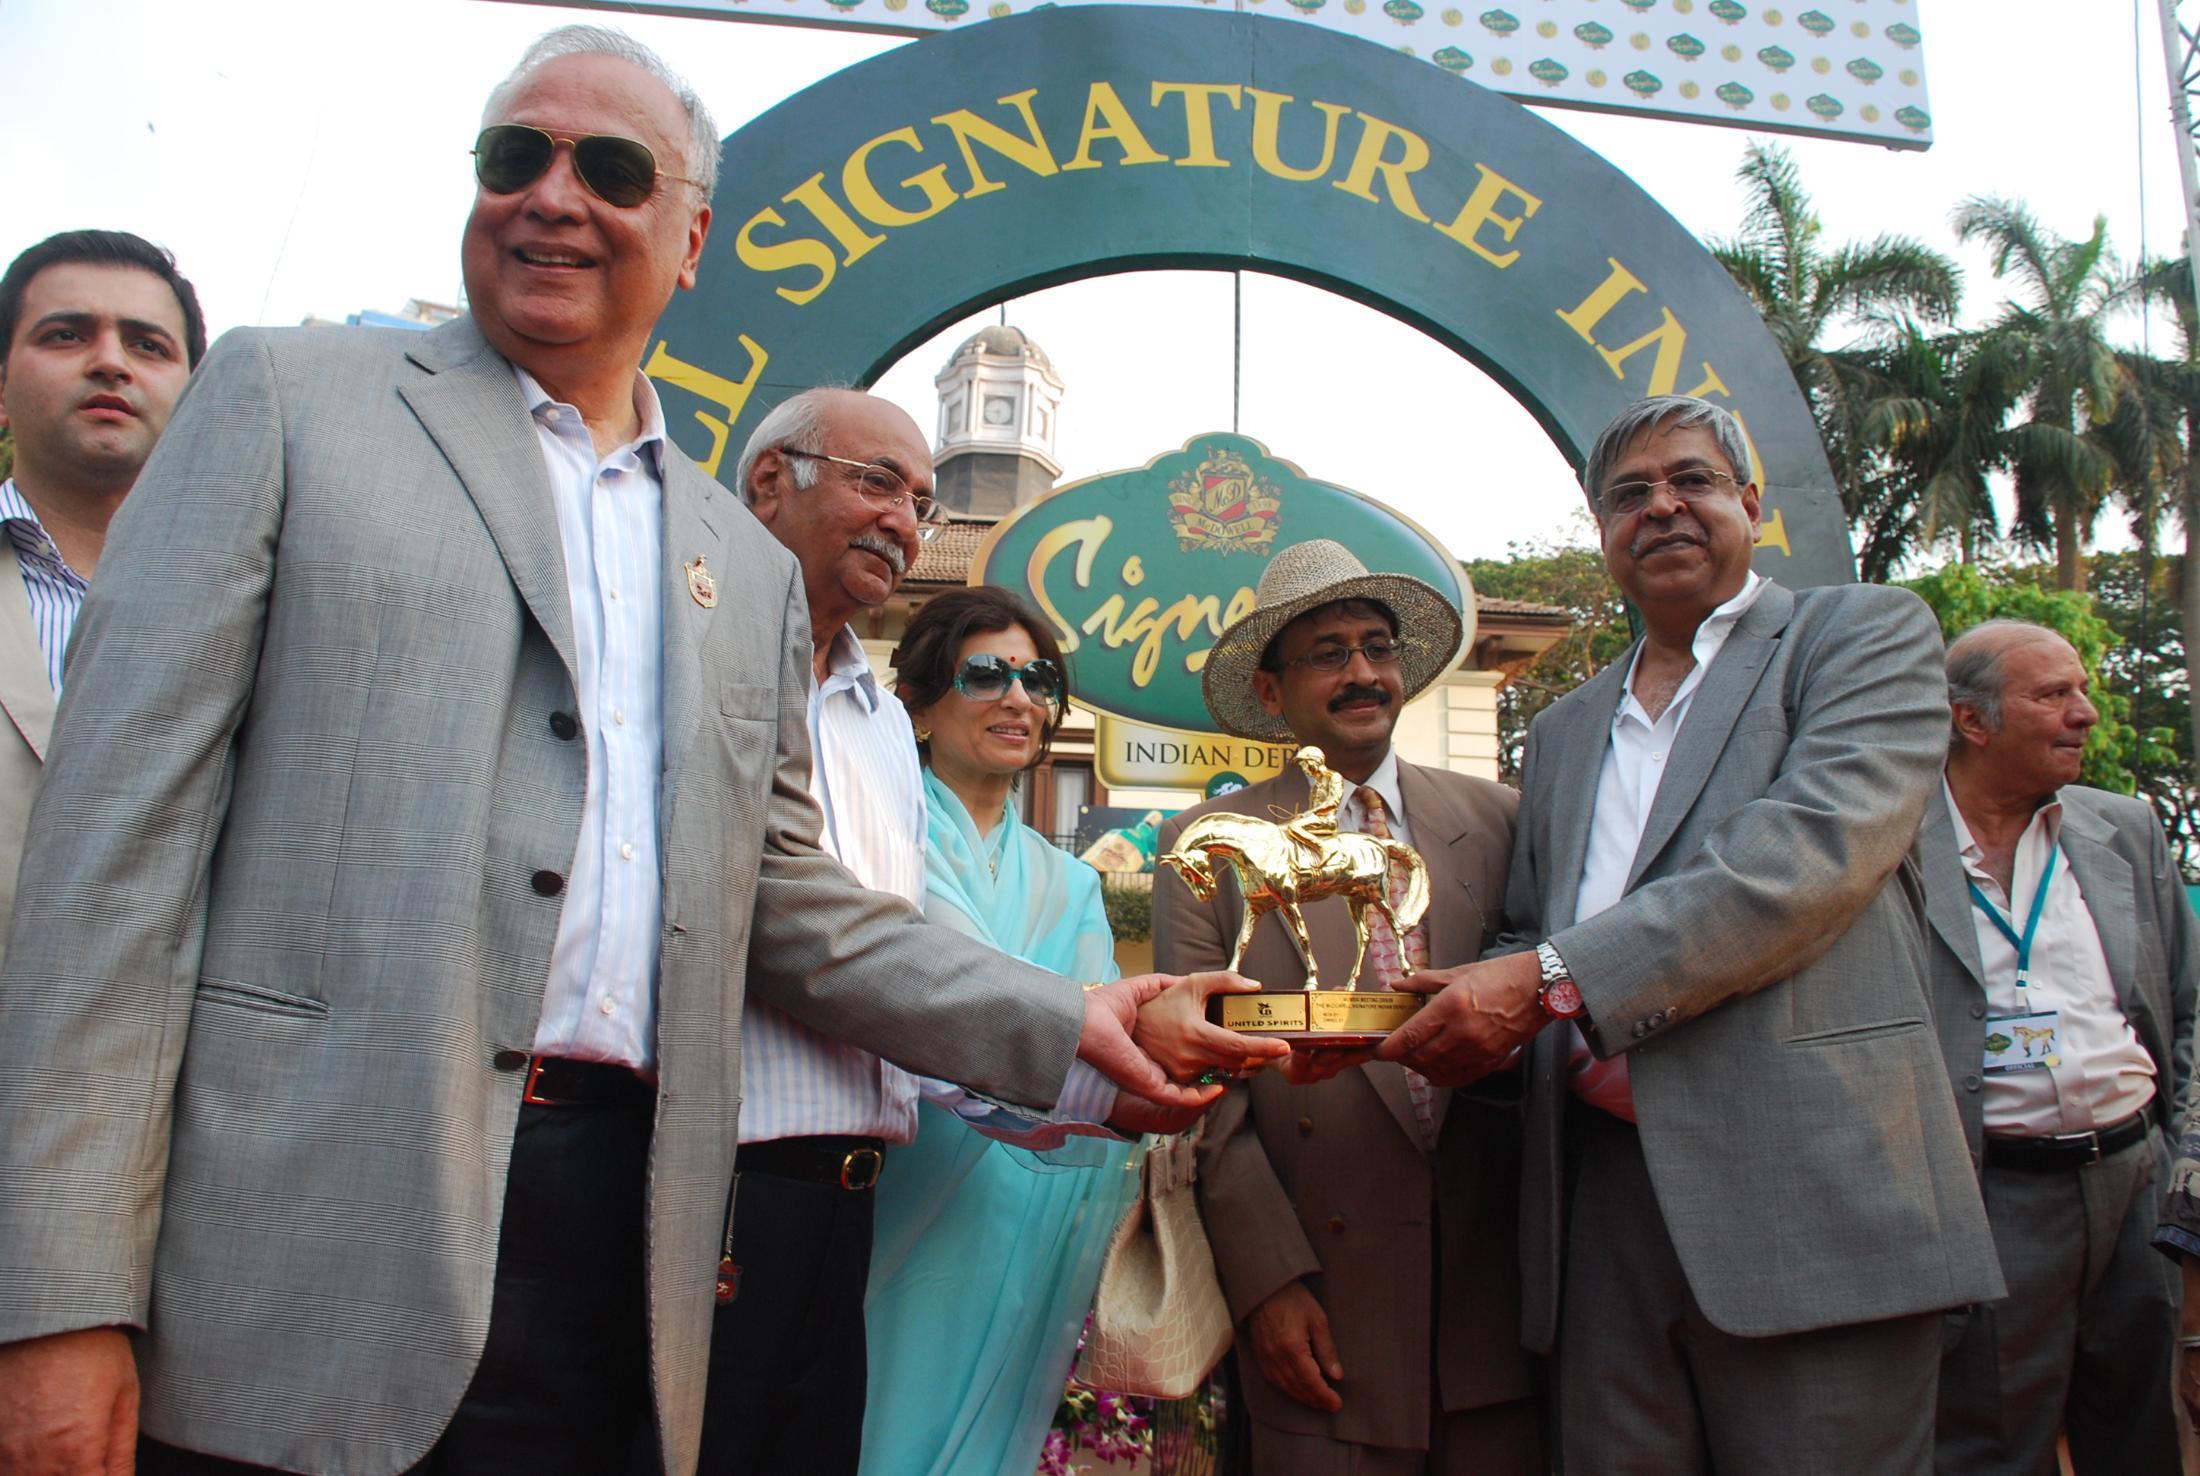 Farouq Rattonsey, JK Rattonsey (owenrs of Antonios) and Rekha Mallya, Vivek Jain, Hussain Nensey (owner of Antonios)